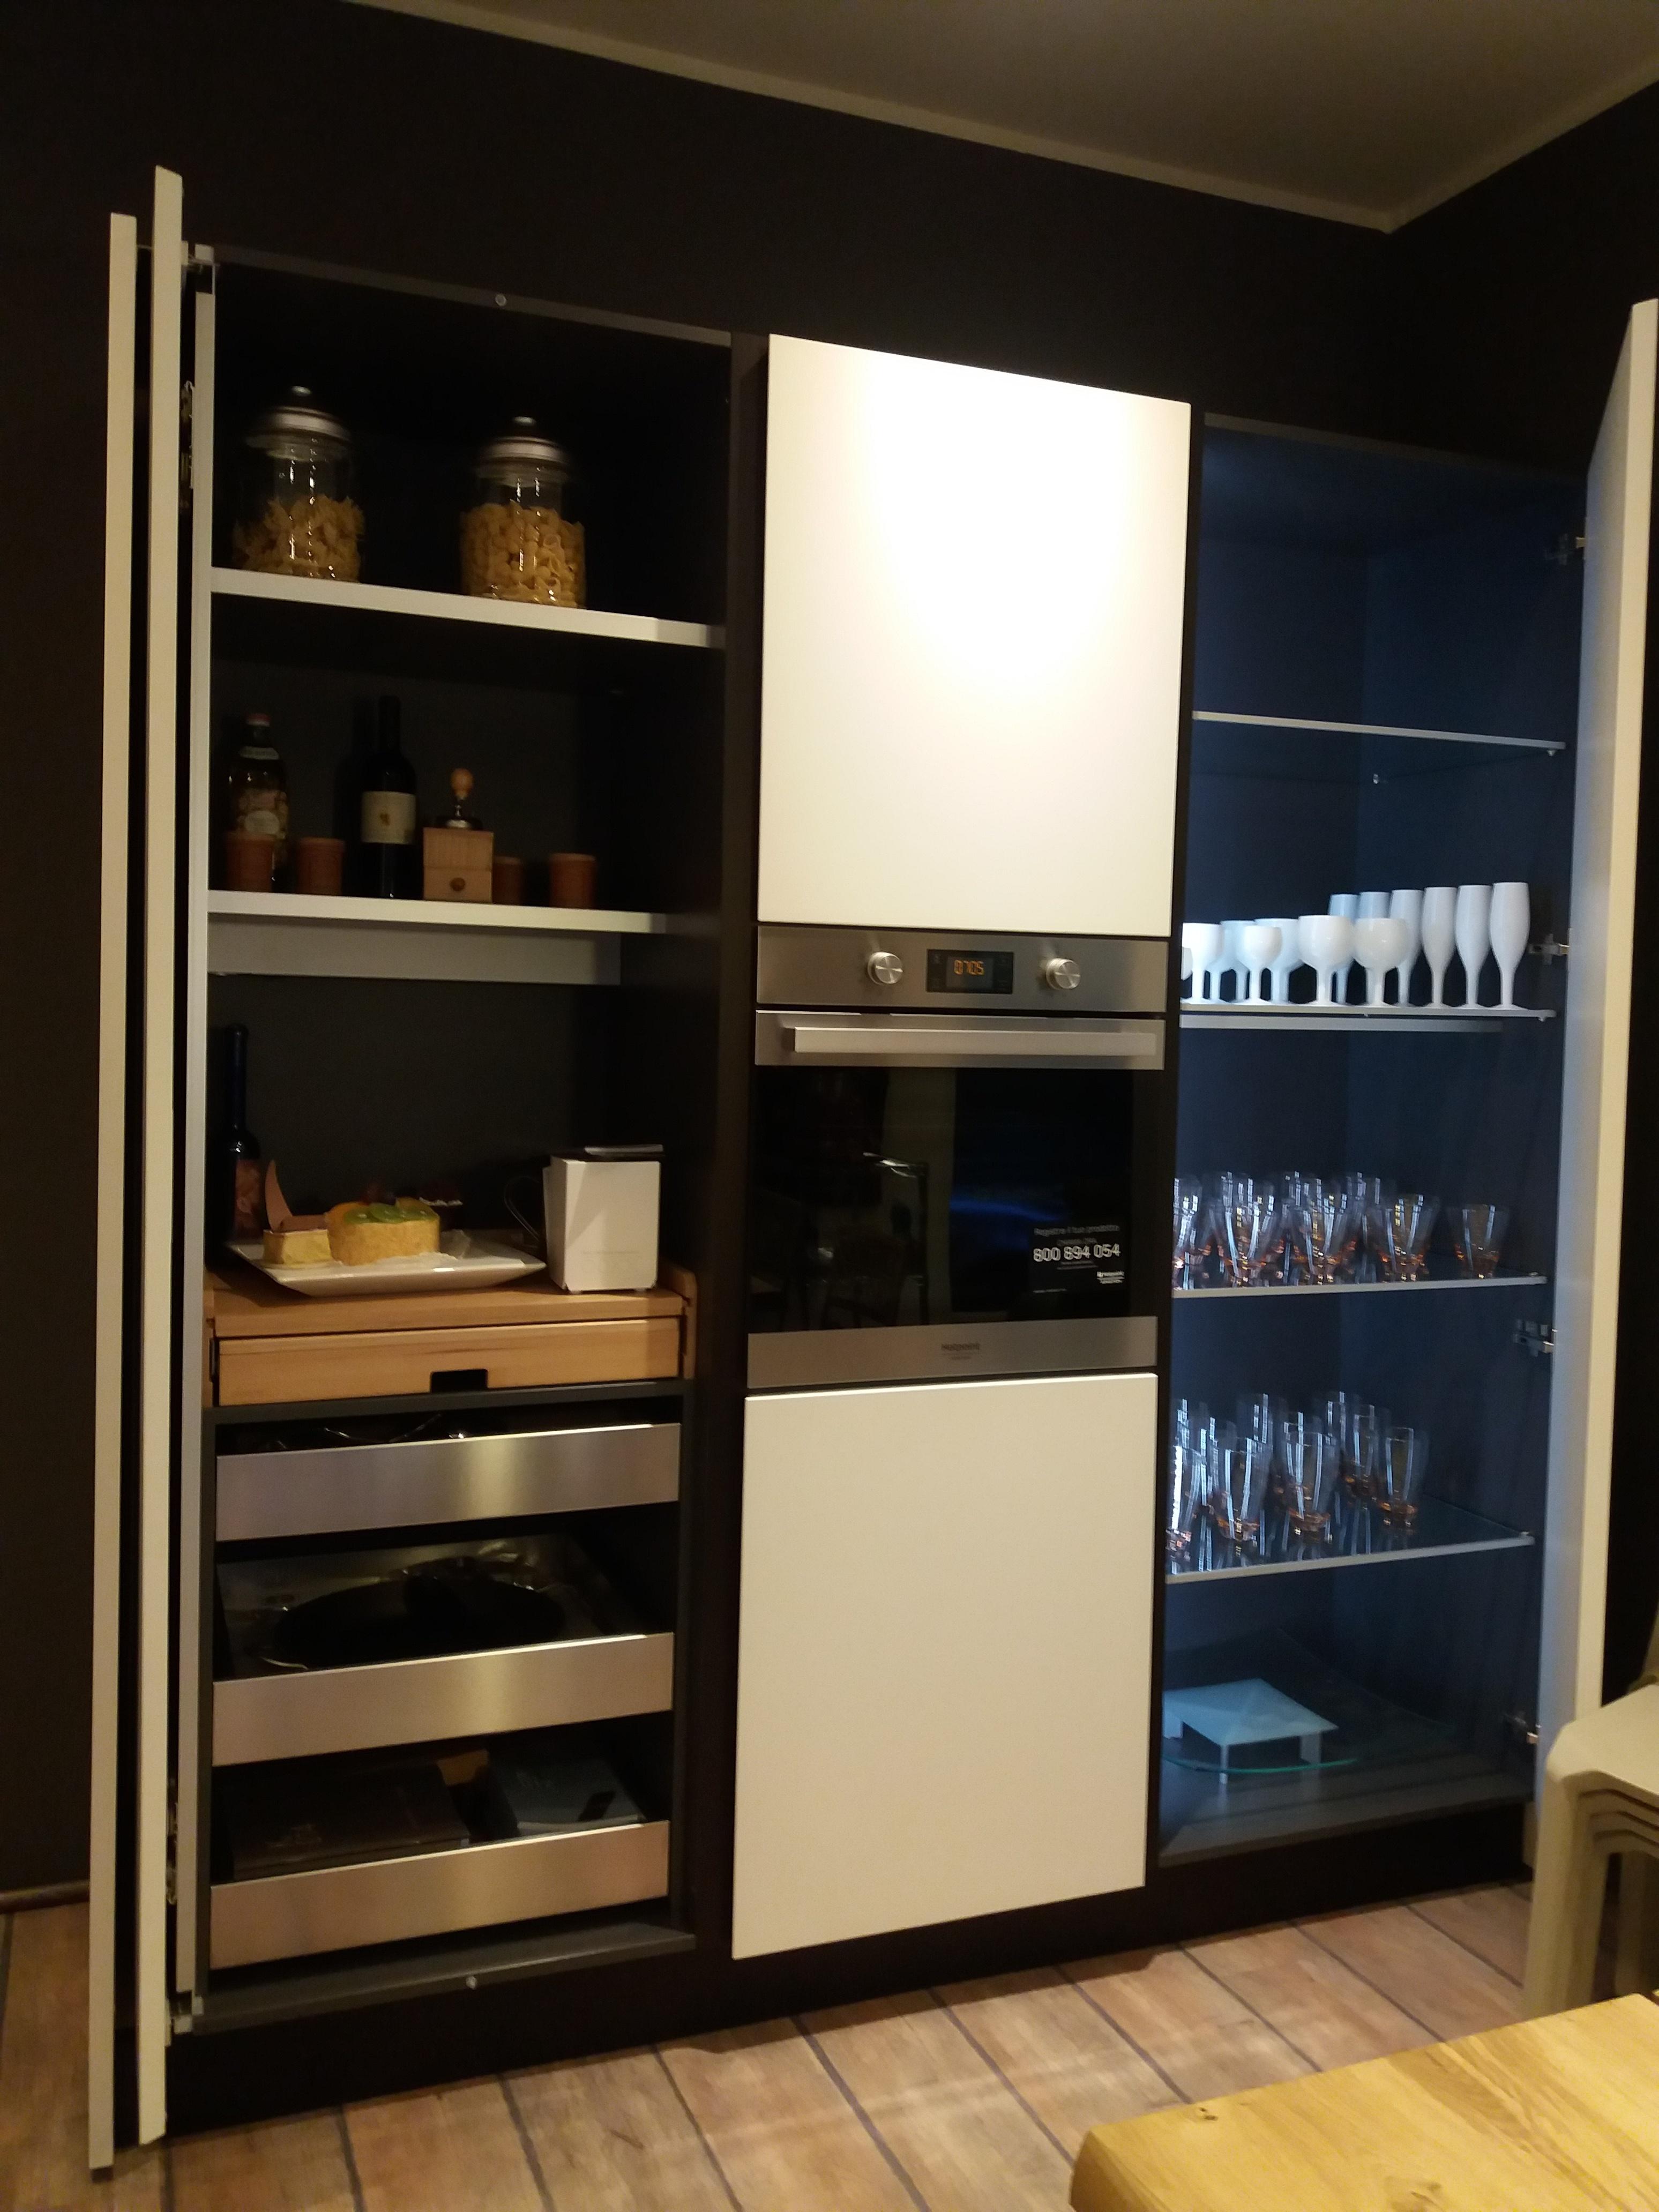 OasiCrosetto | Zampieri cucine colonne attrezzate in saldo -40%